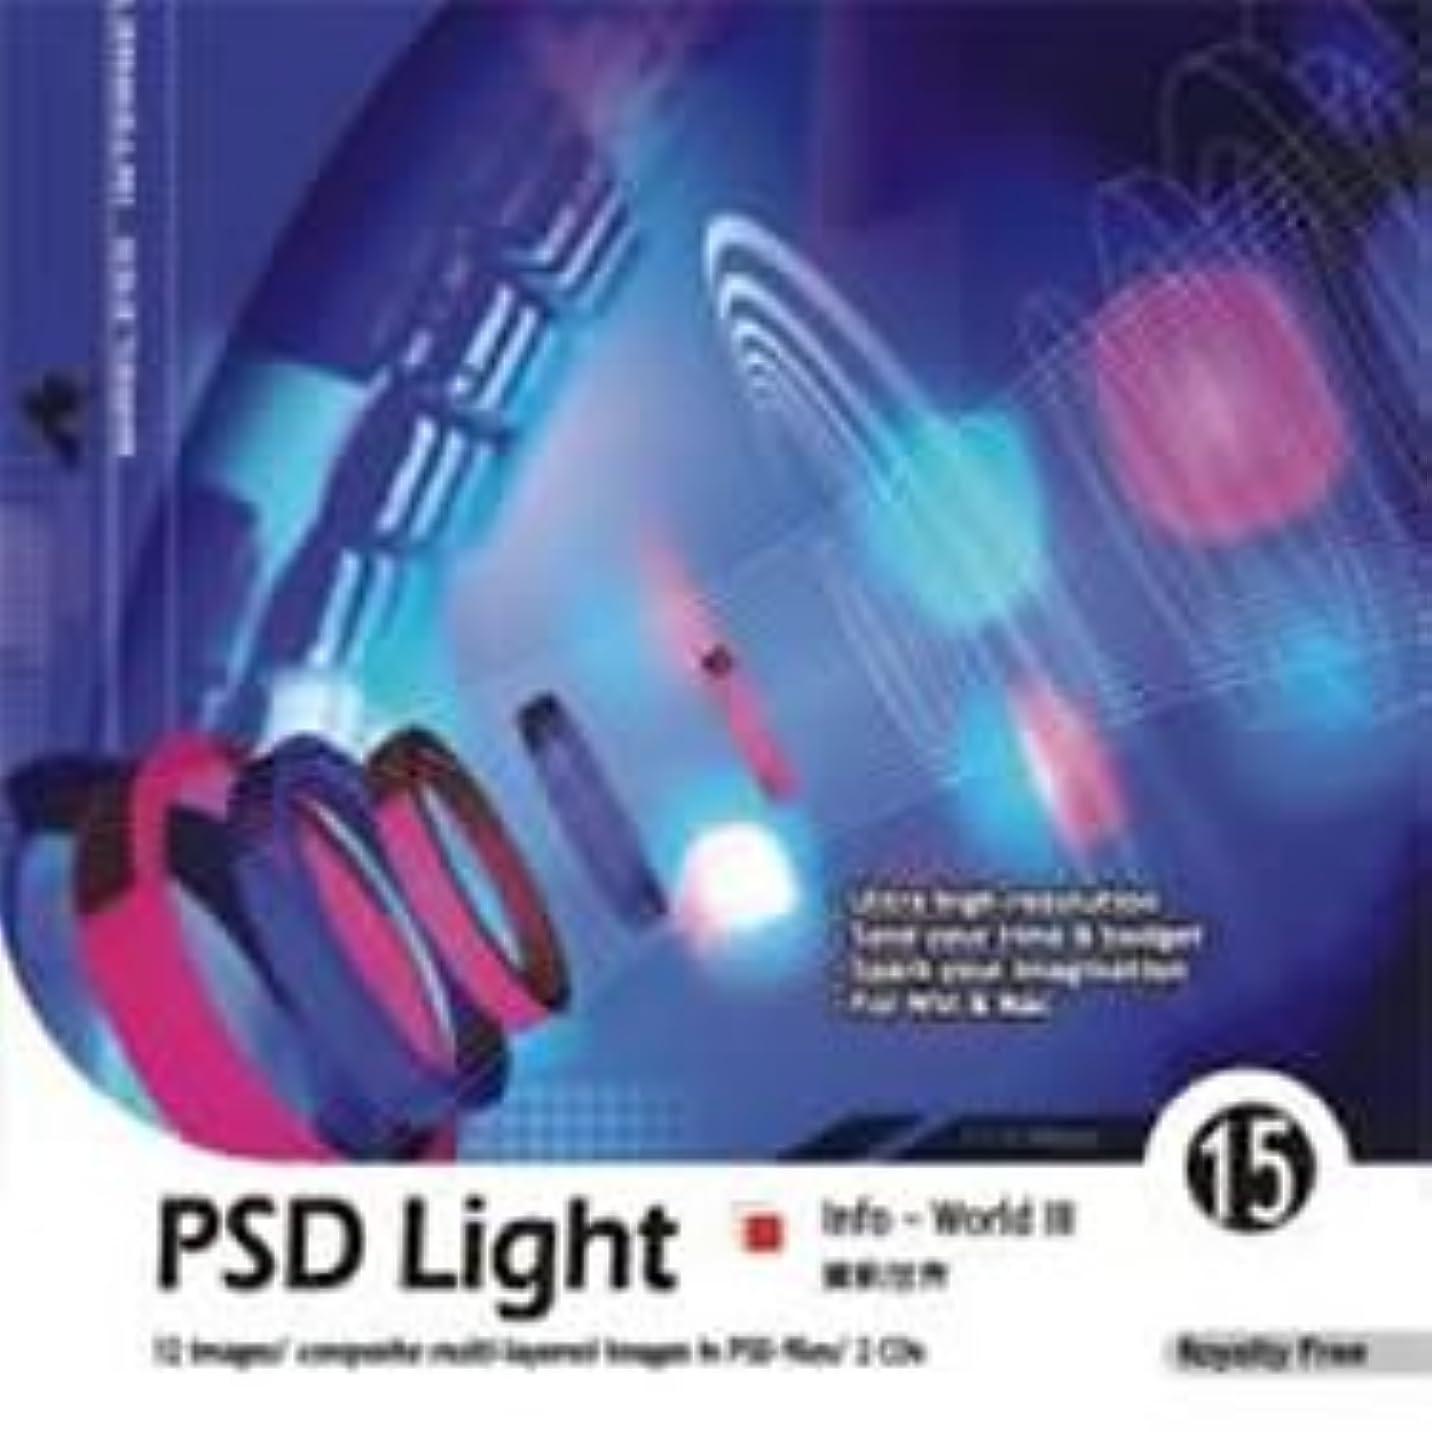 耐久医療過誤基礎理論ピーエスディ ライト Vol.15 情報世界(3)